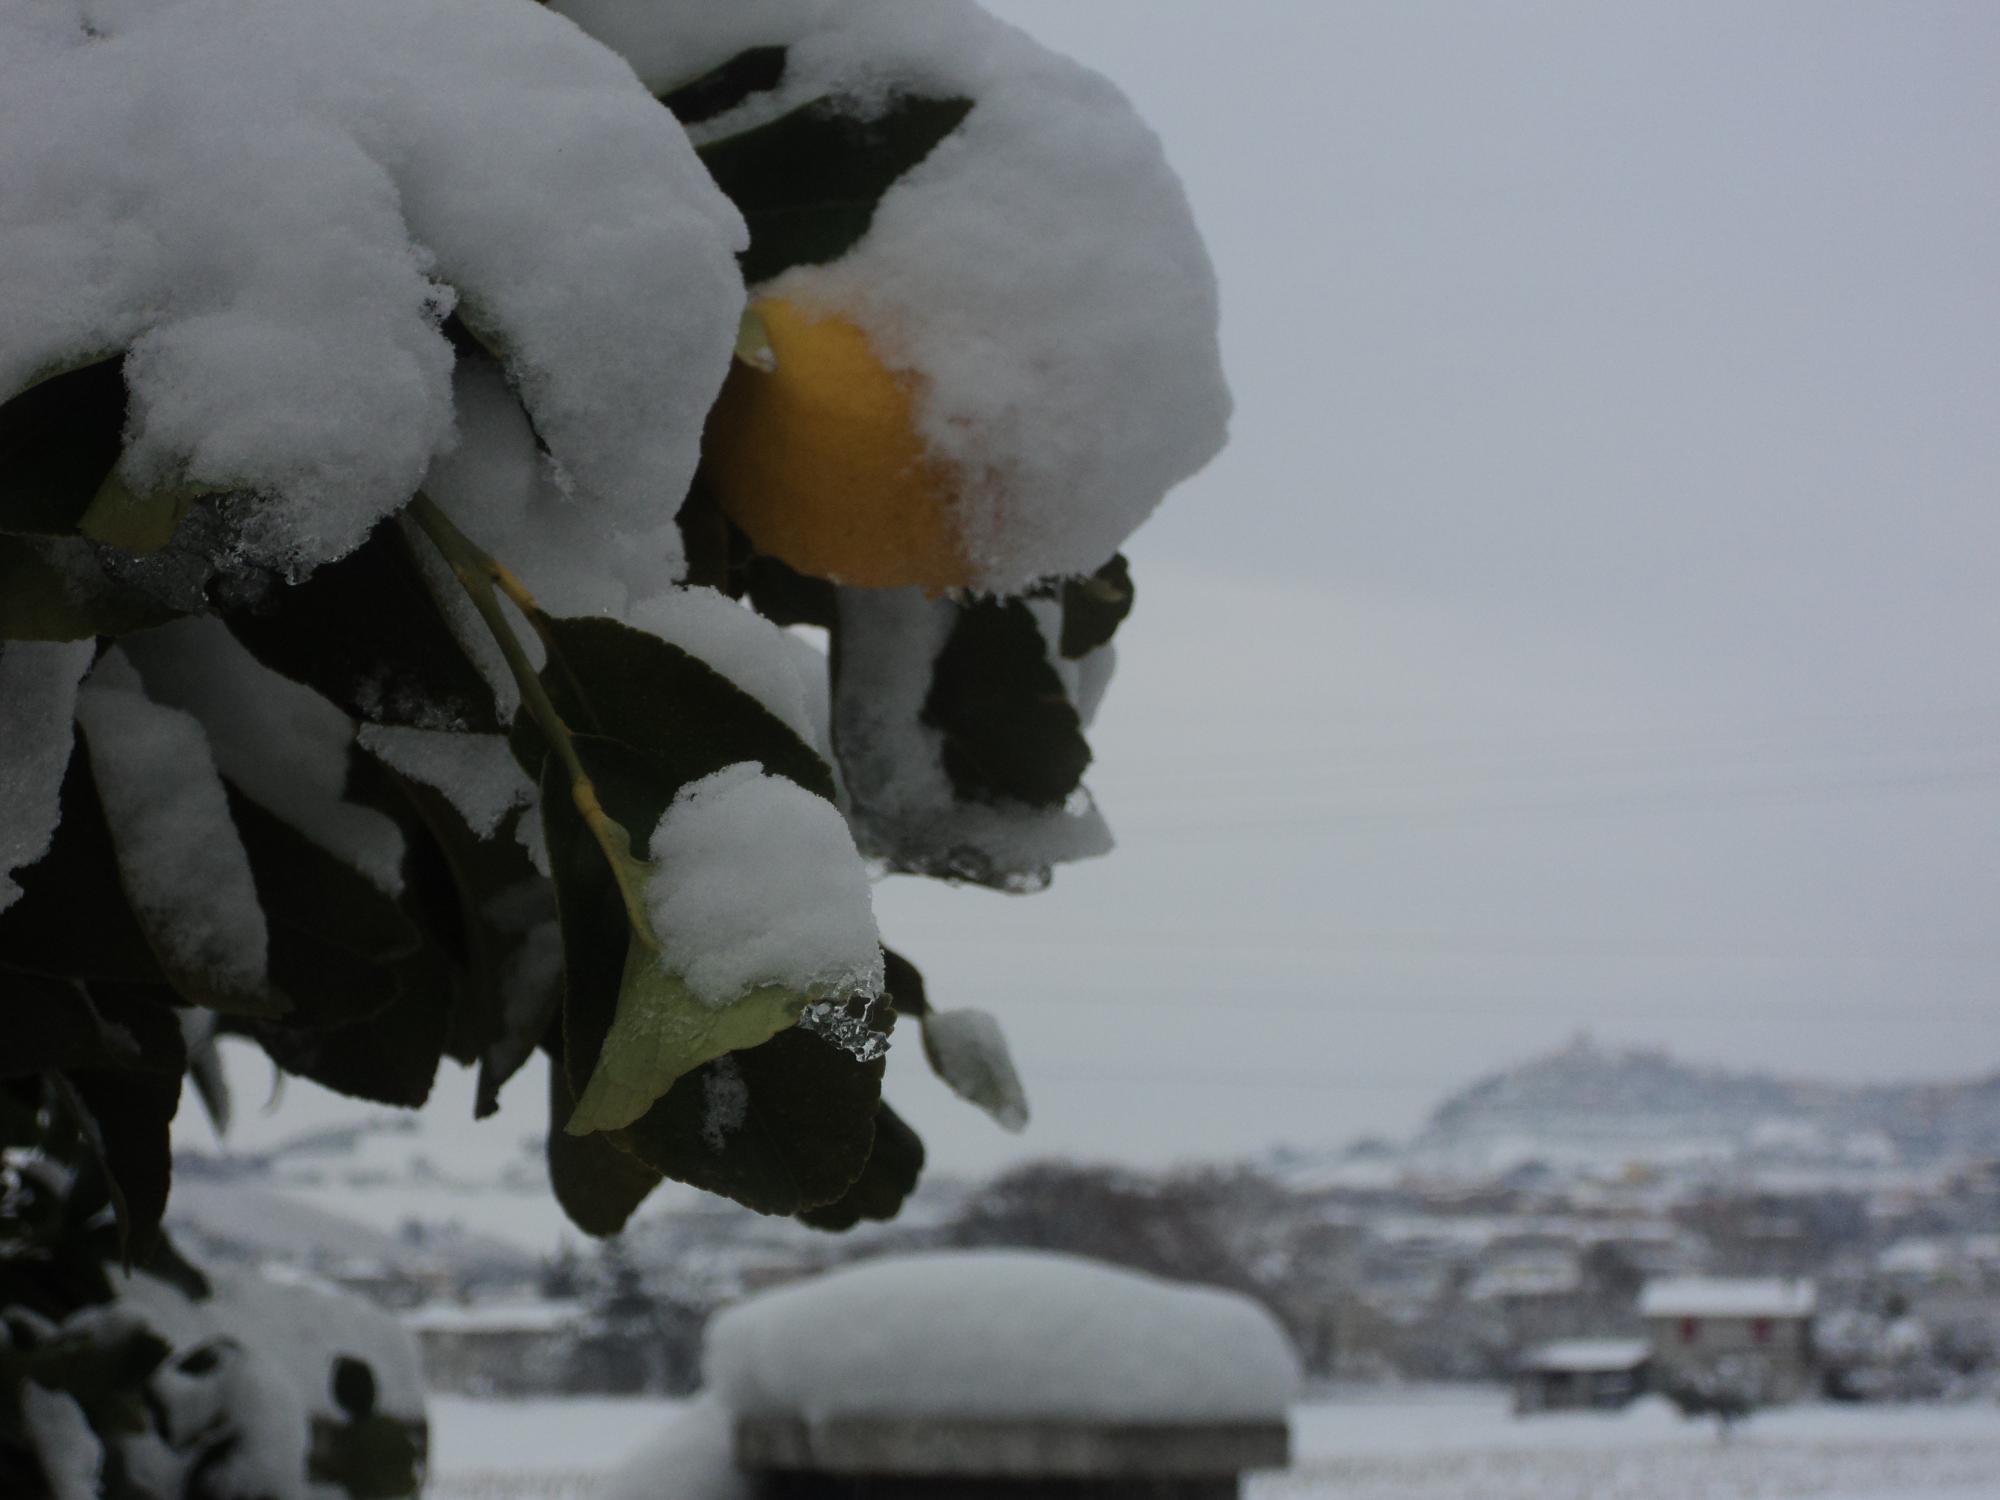 Neve a Centobuchi, 4 febbraio 2012 foto di Franco Tufoni 2